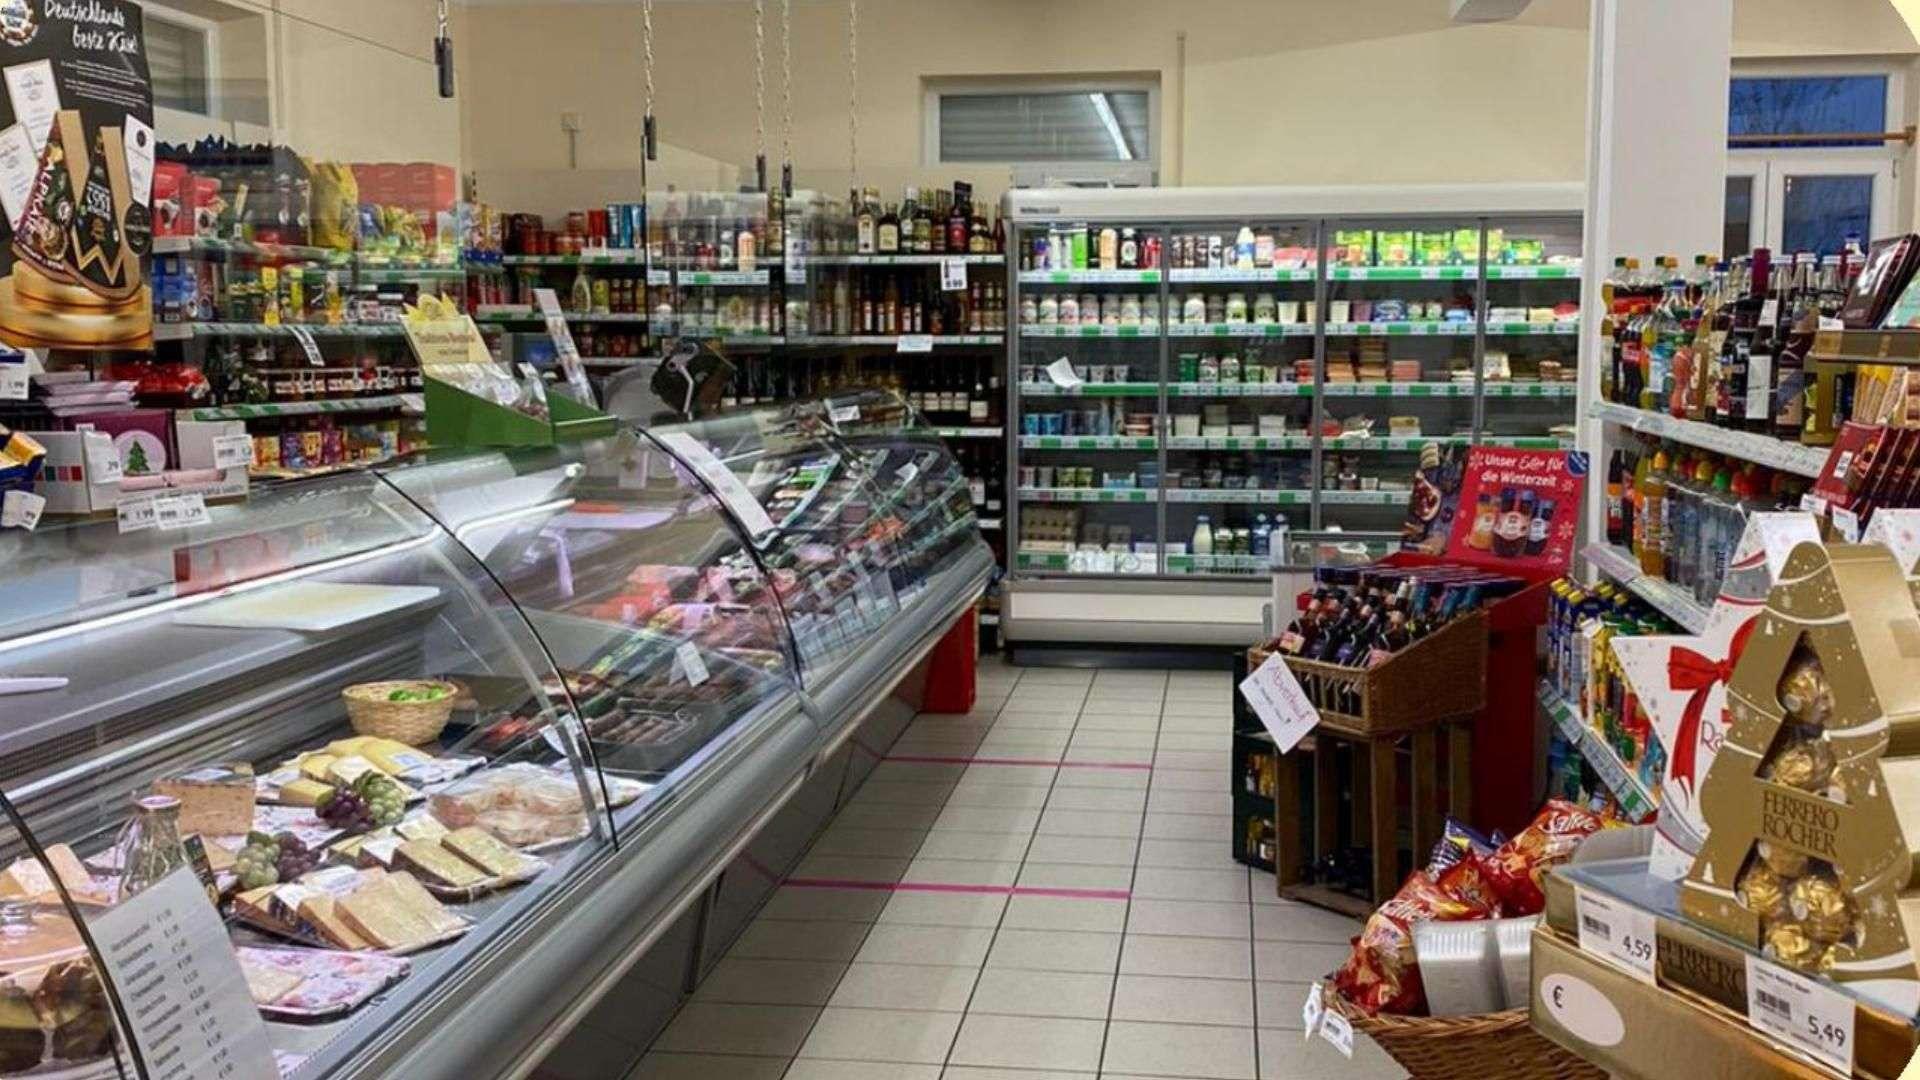 Dorfladen in Hurlach